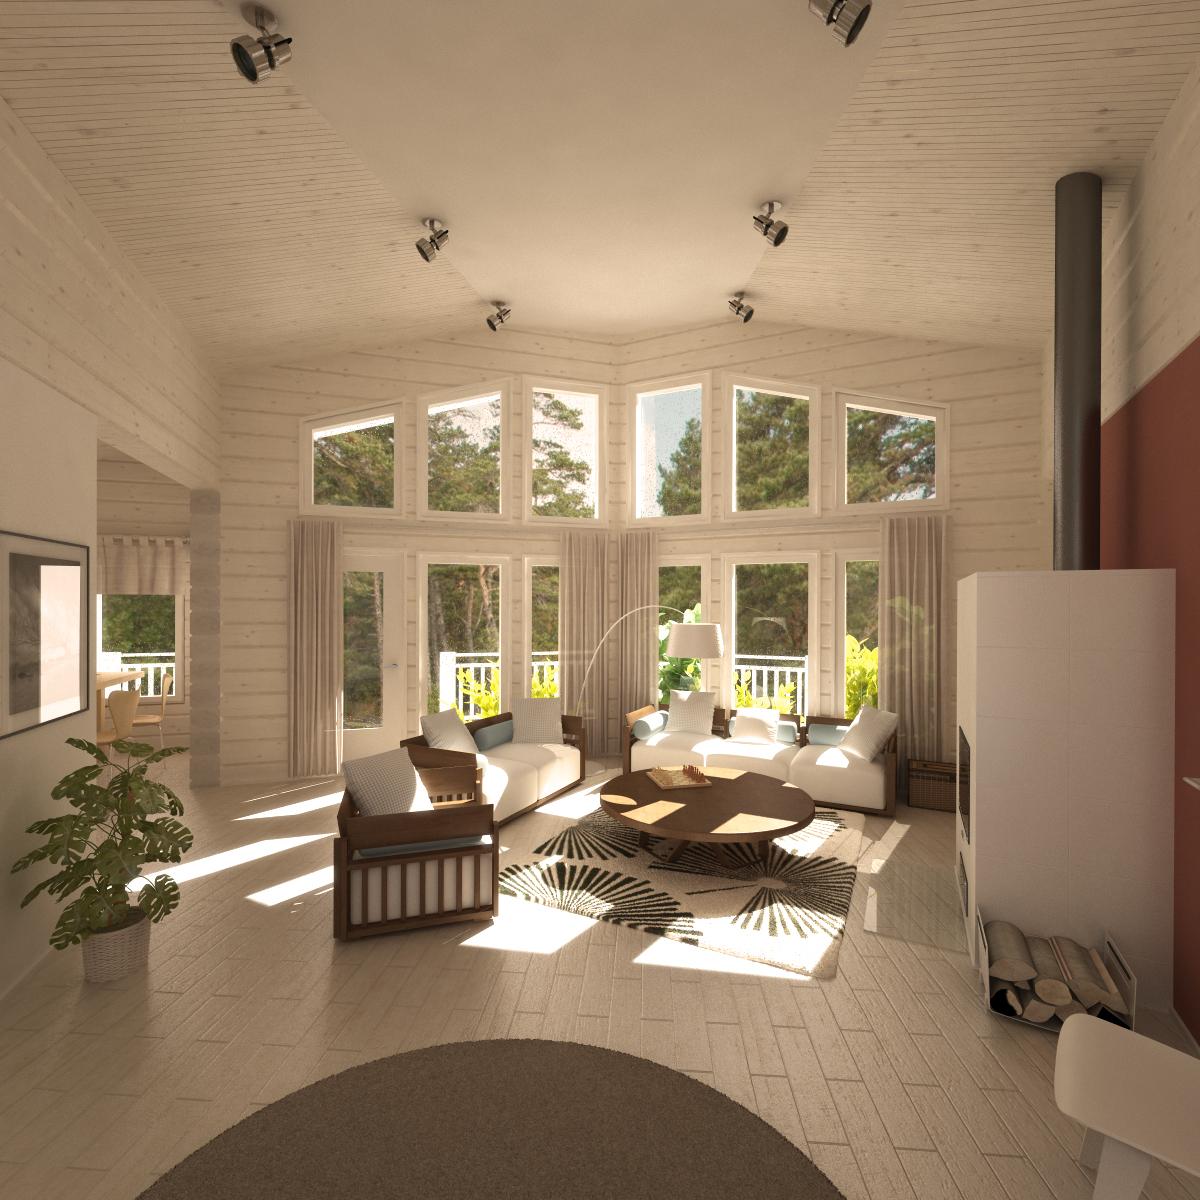 Kuusamo Nuuna 85S 3D_hall interior_0.8